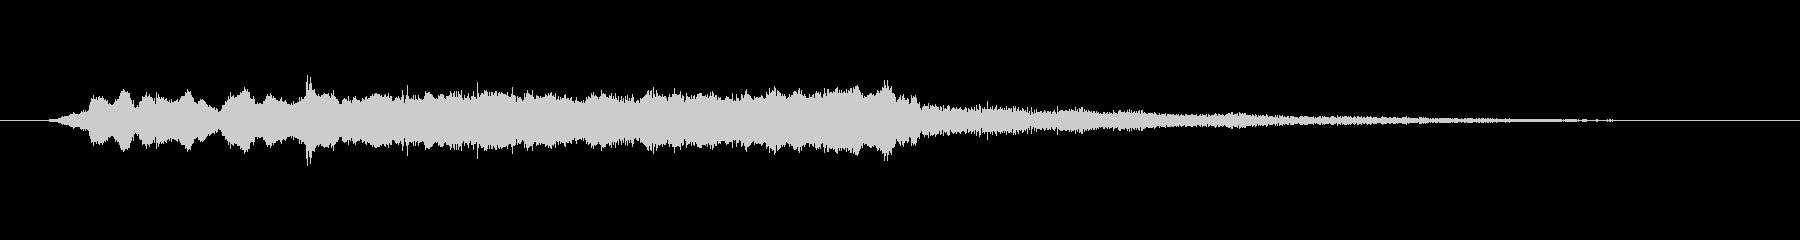 篠笛、琴、による和風ジングル(8秒)の未再生の波形